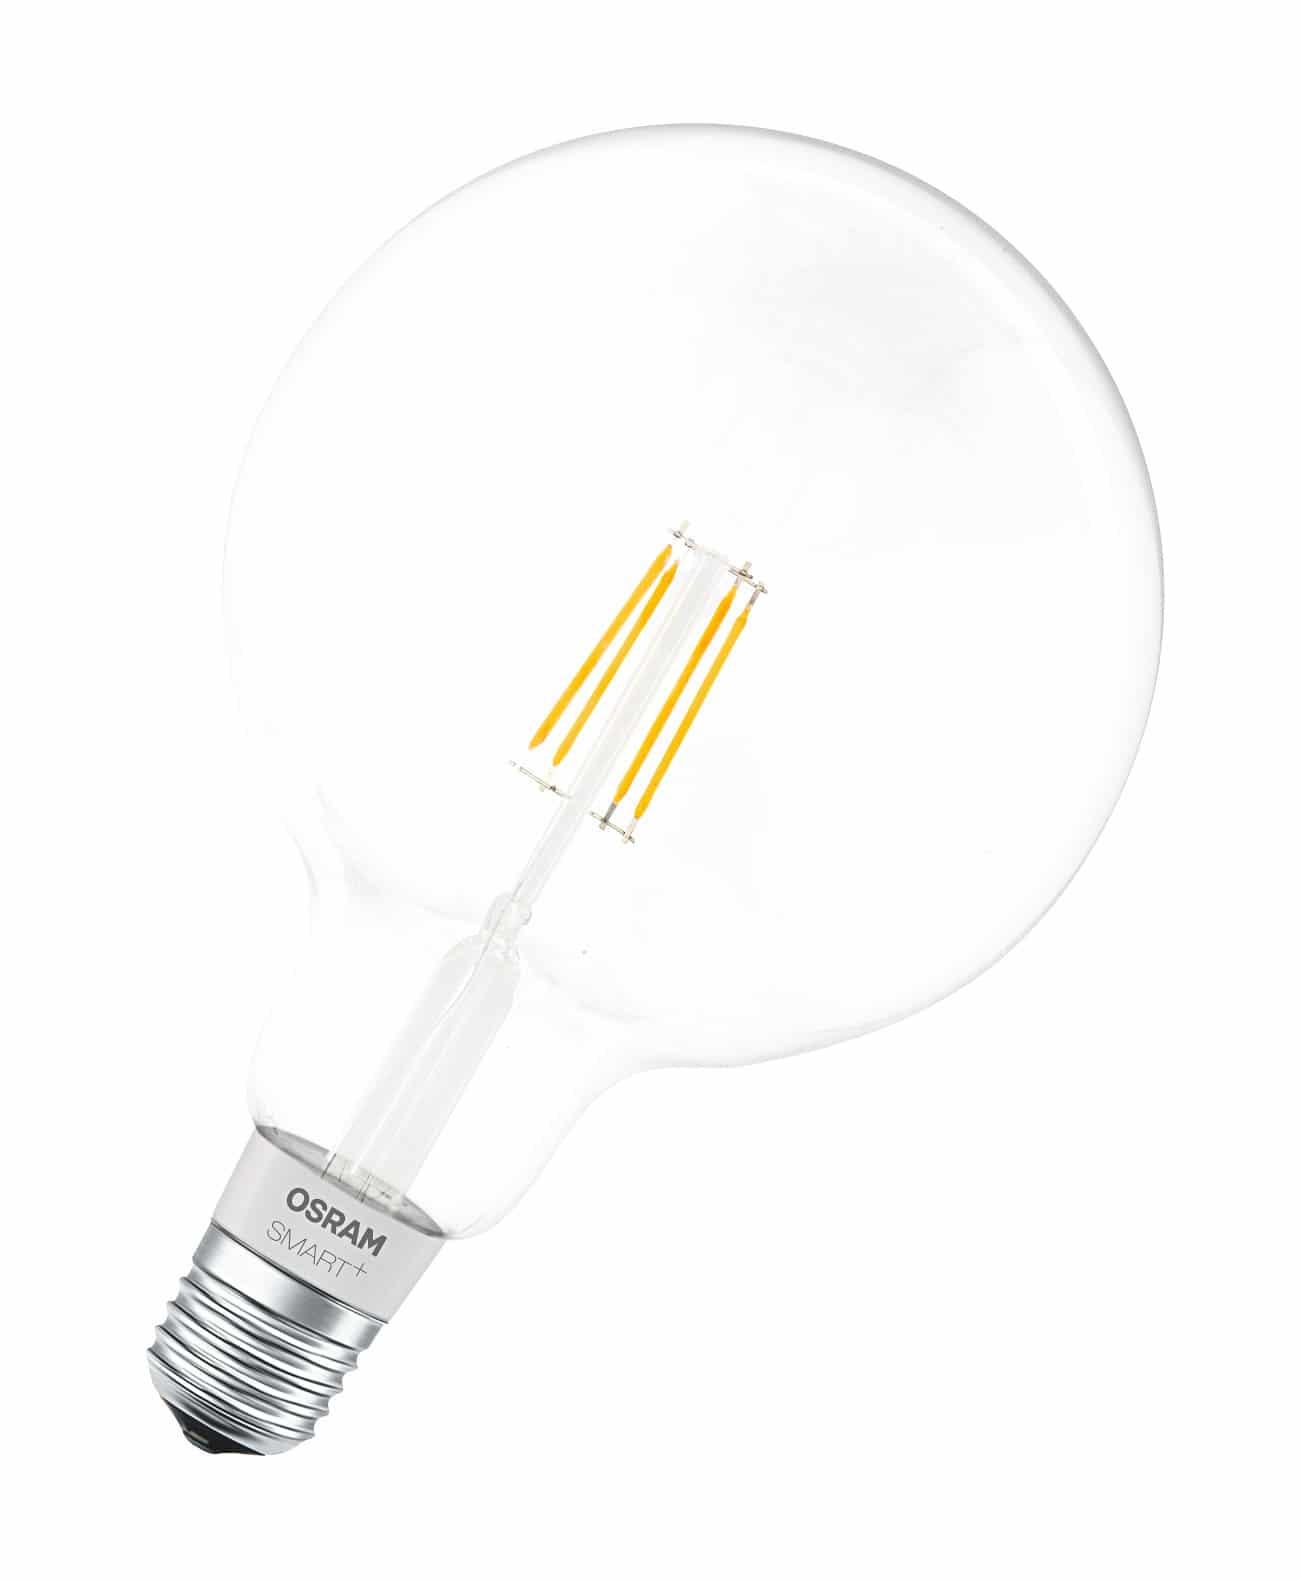 Osram SMART+ Filament Globe E27